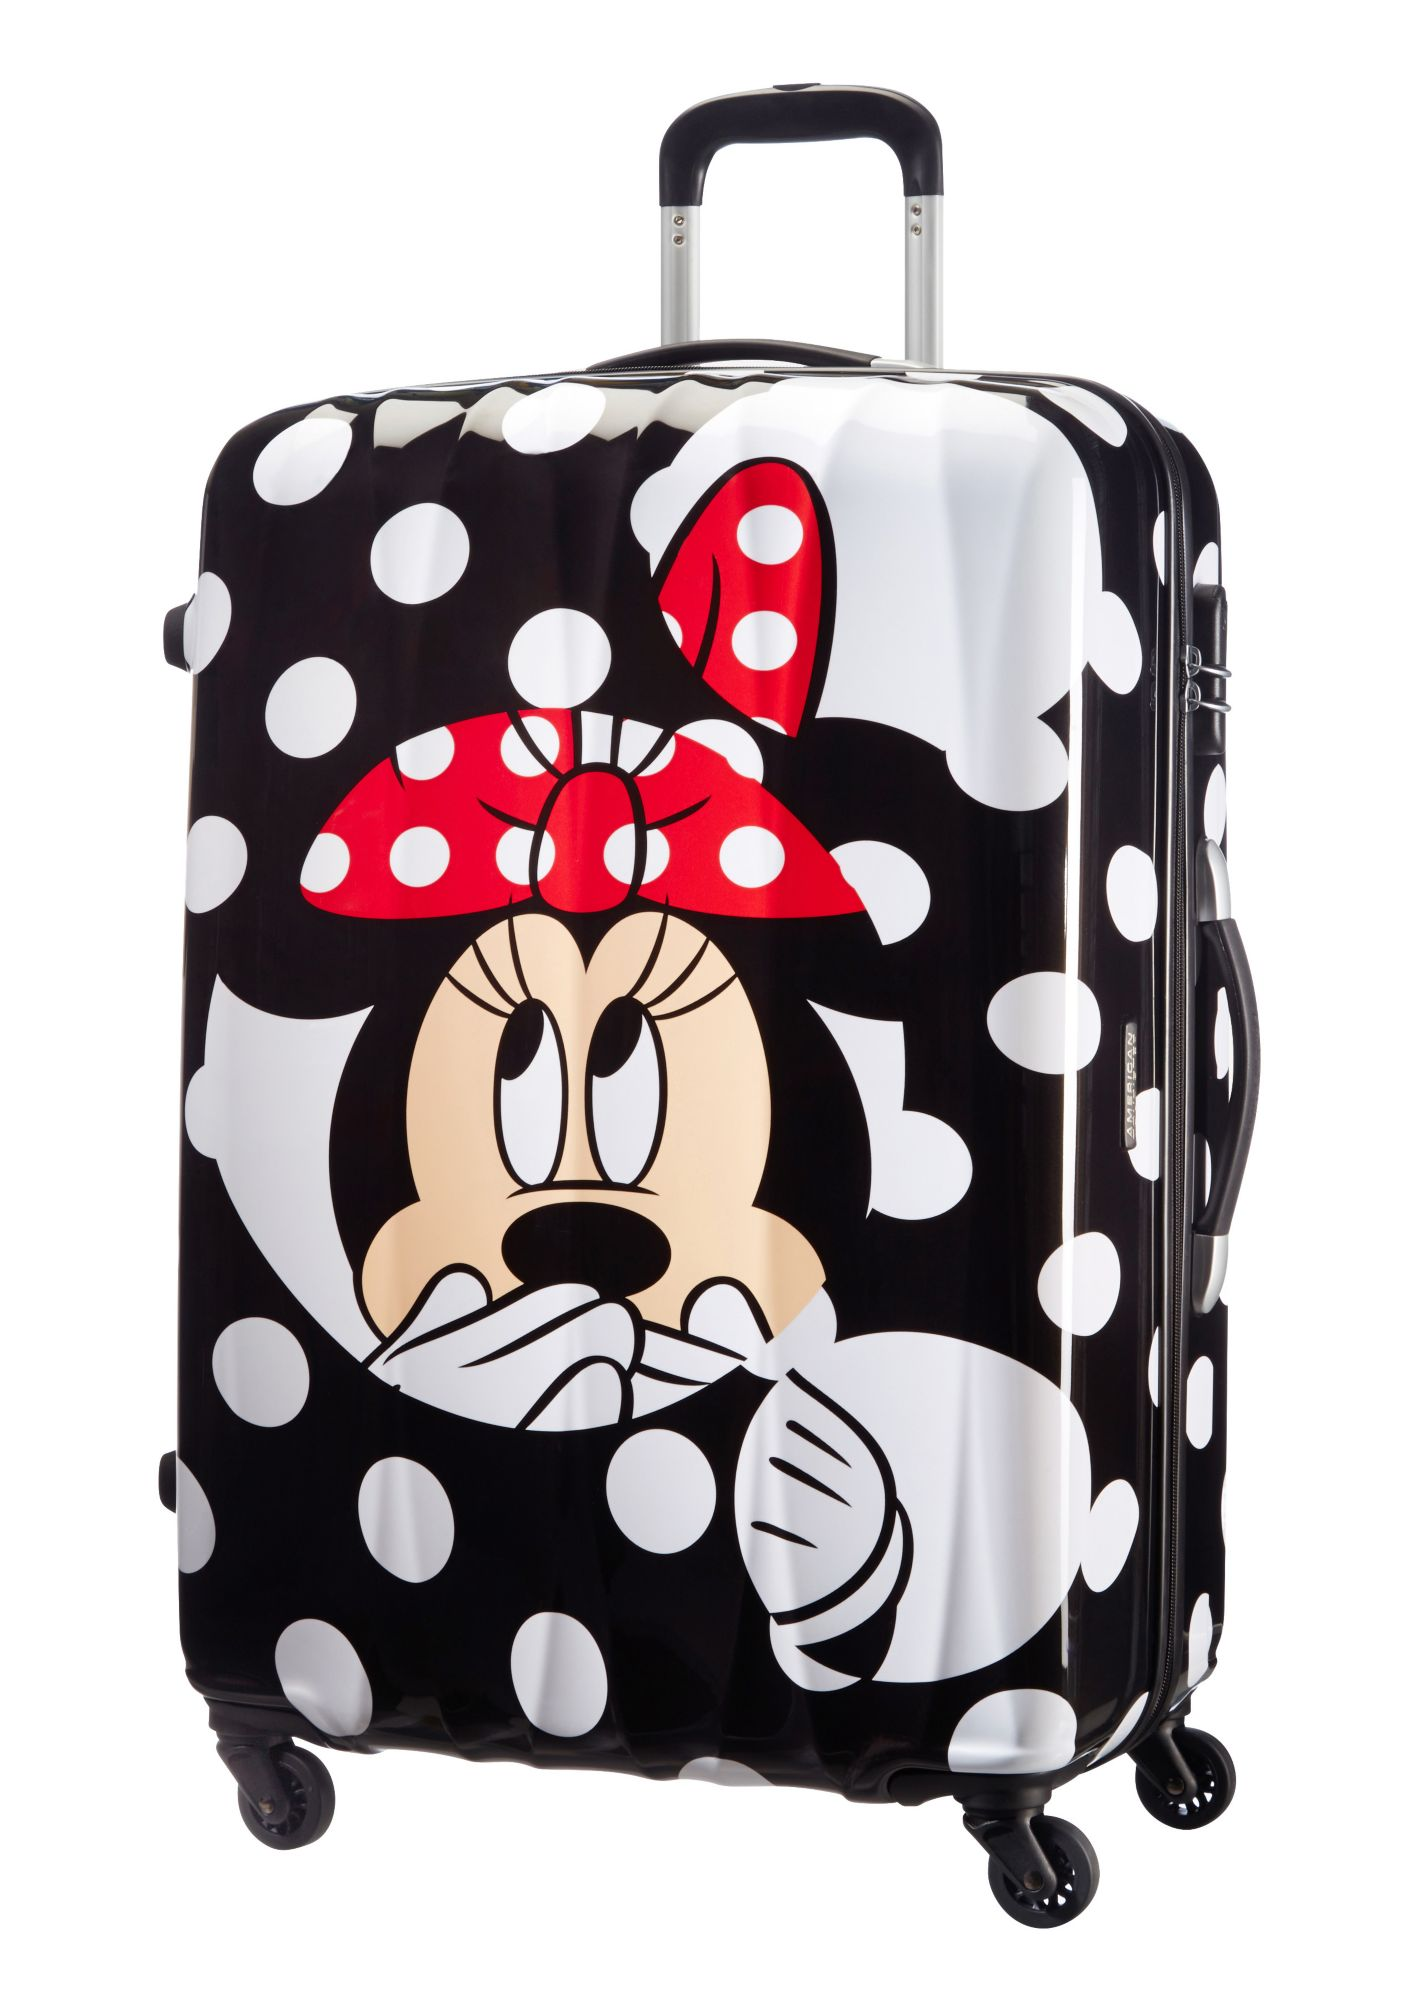 SAMSONITE American Tourister Hartschalen-Trolley, »Disney Minnie Mouse - Minnie Dots«